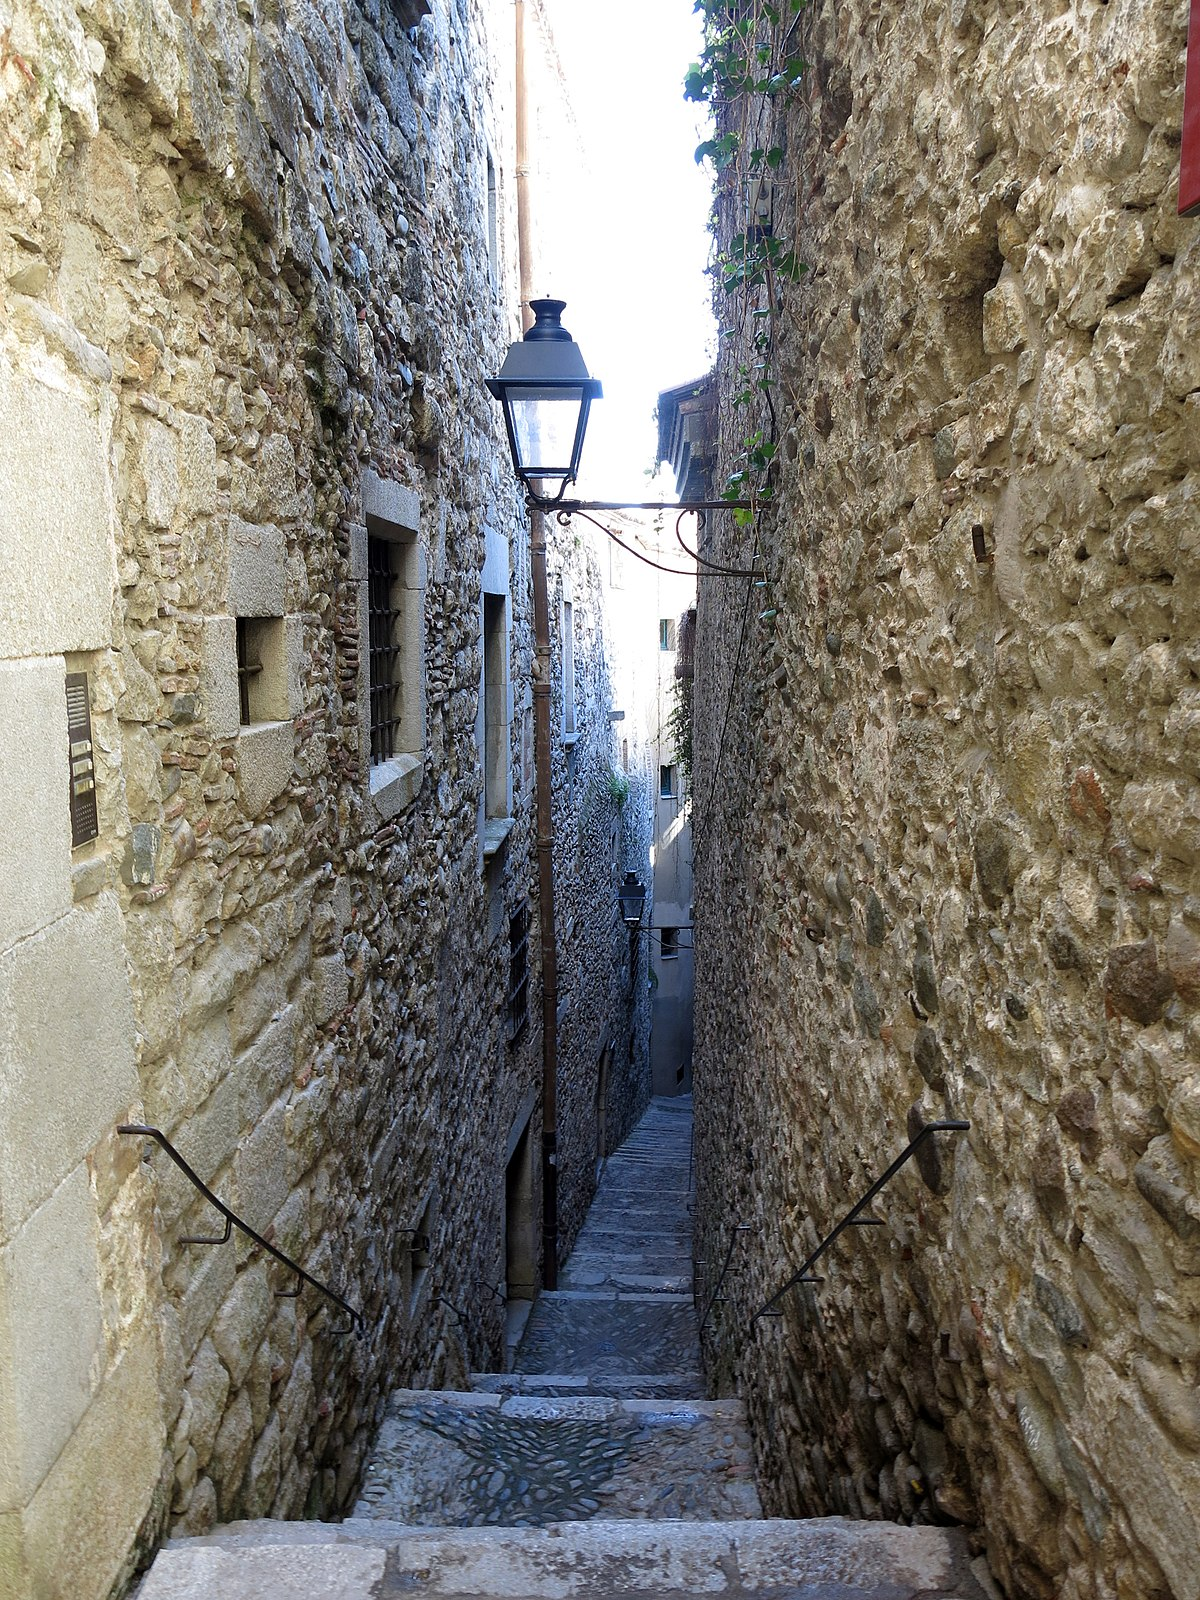 Carrer de Sant Lloren Girona  Viquipdia lenciclopdia lliure